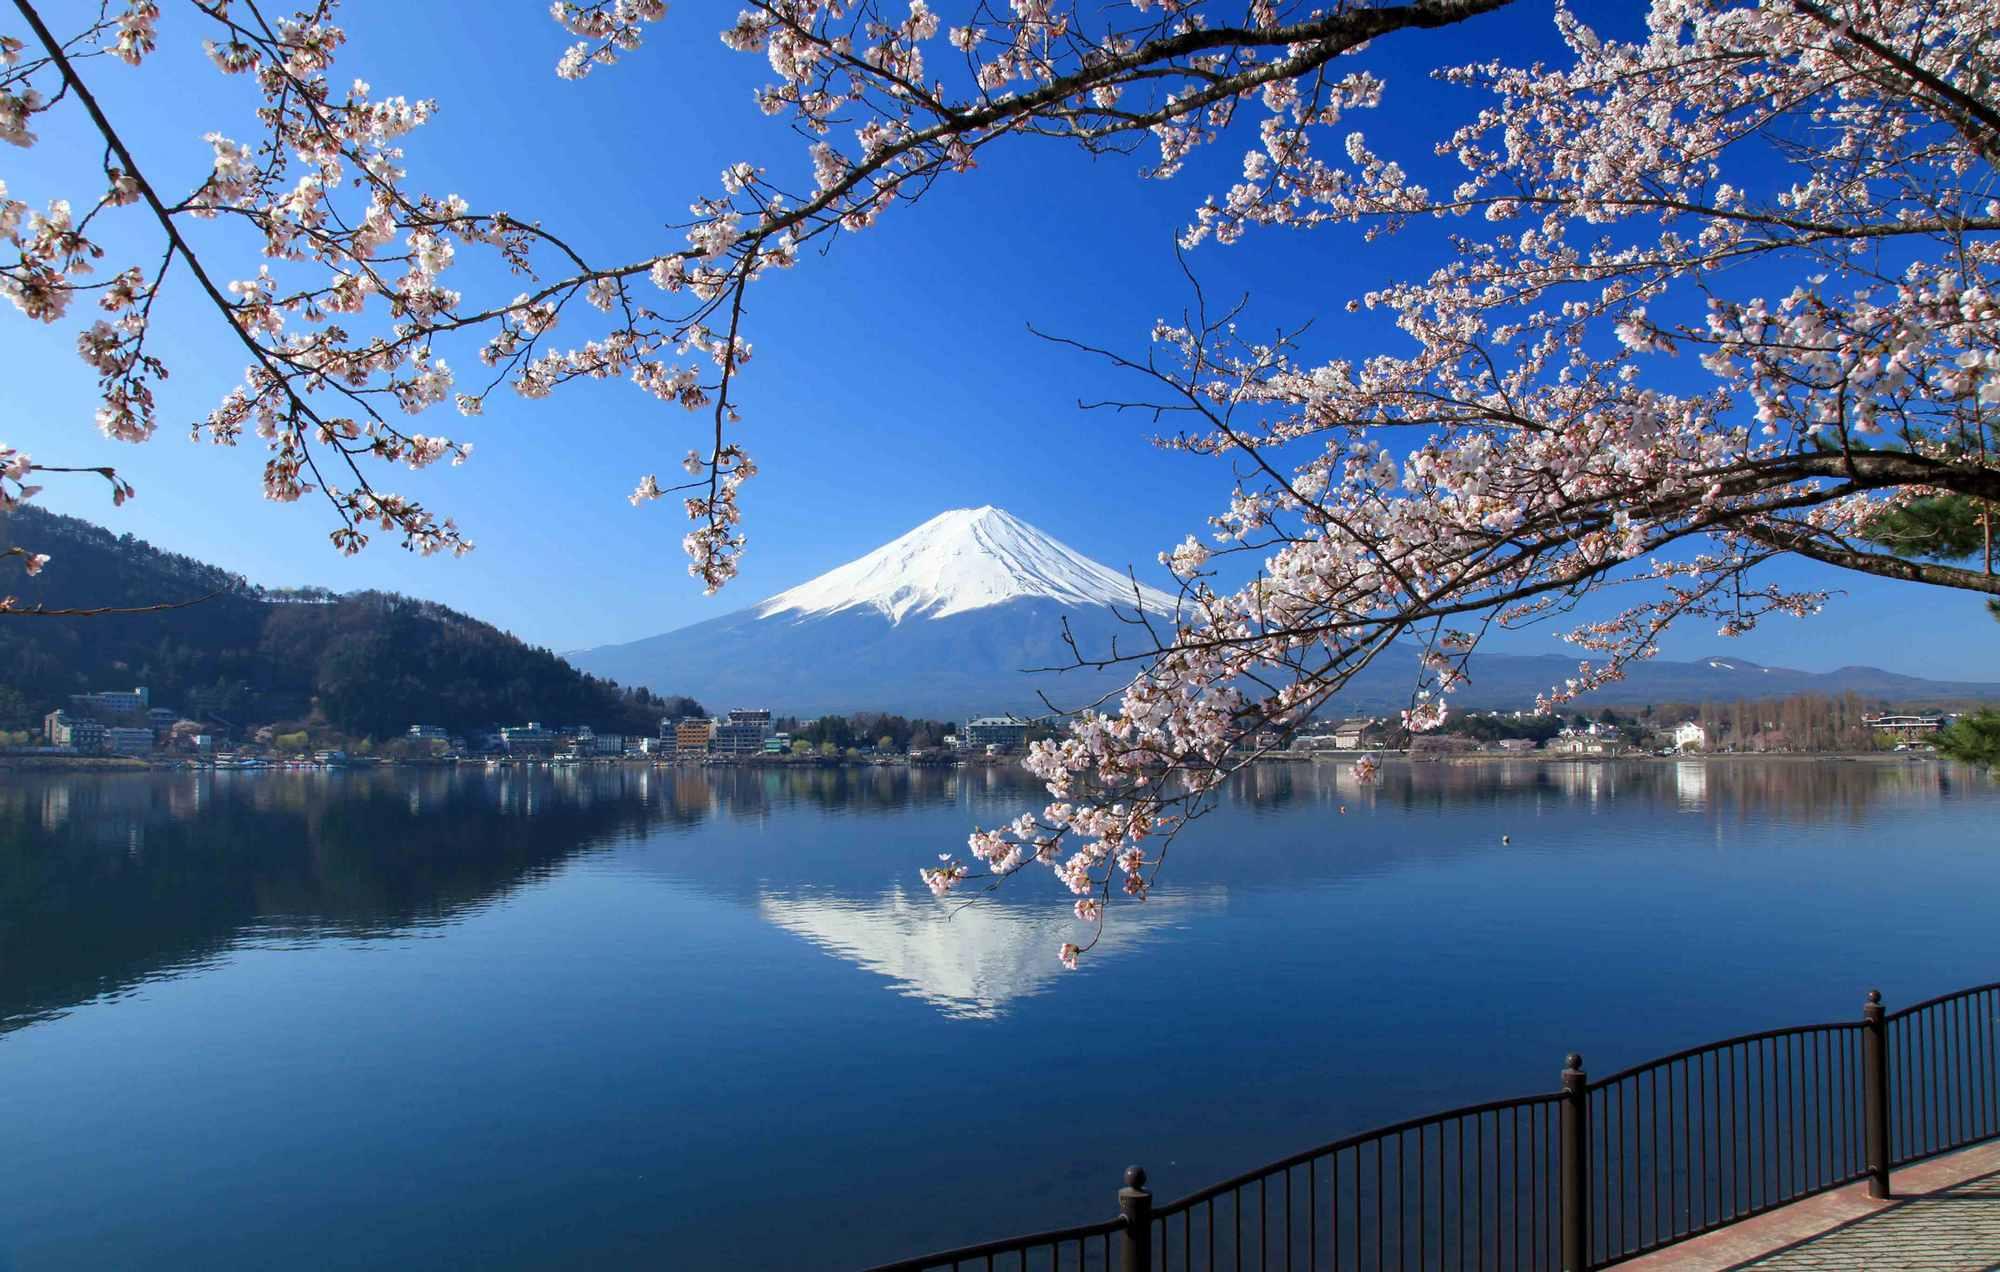 8507-vysokiy-turisticheskiy-sezon-v-yaponii-5816